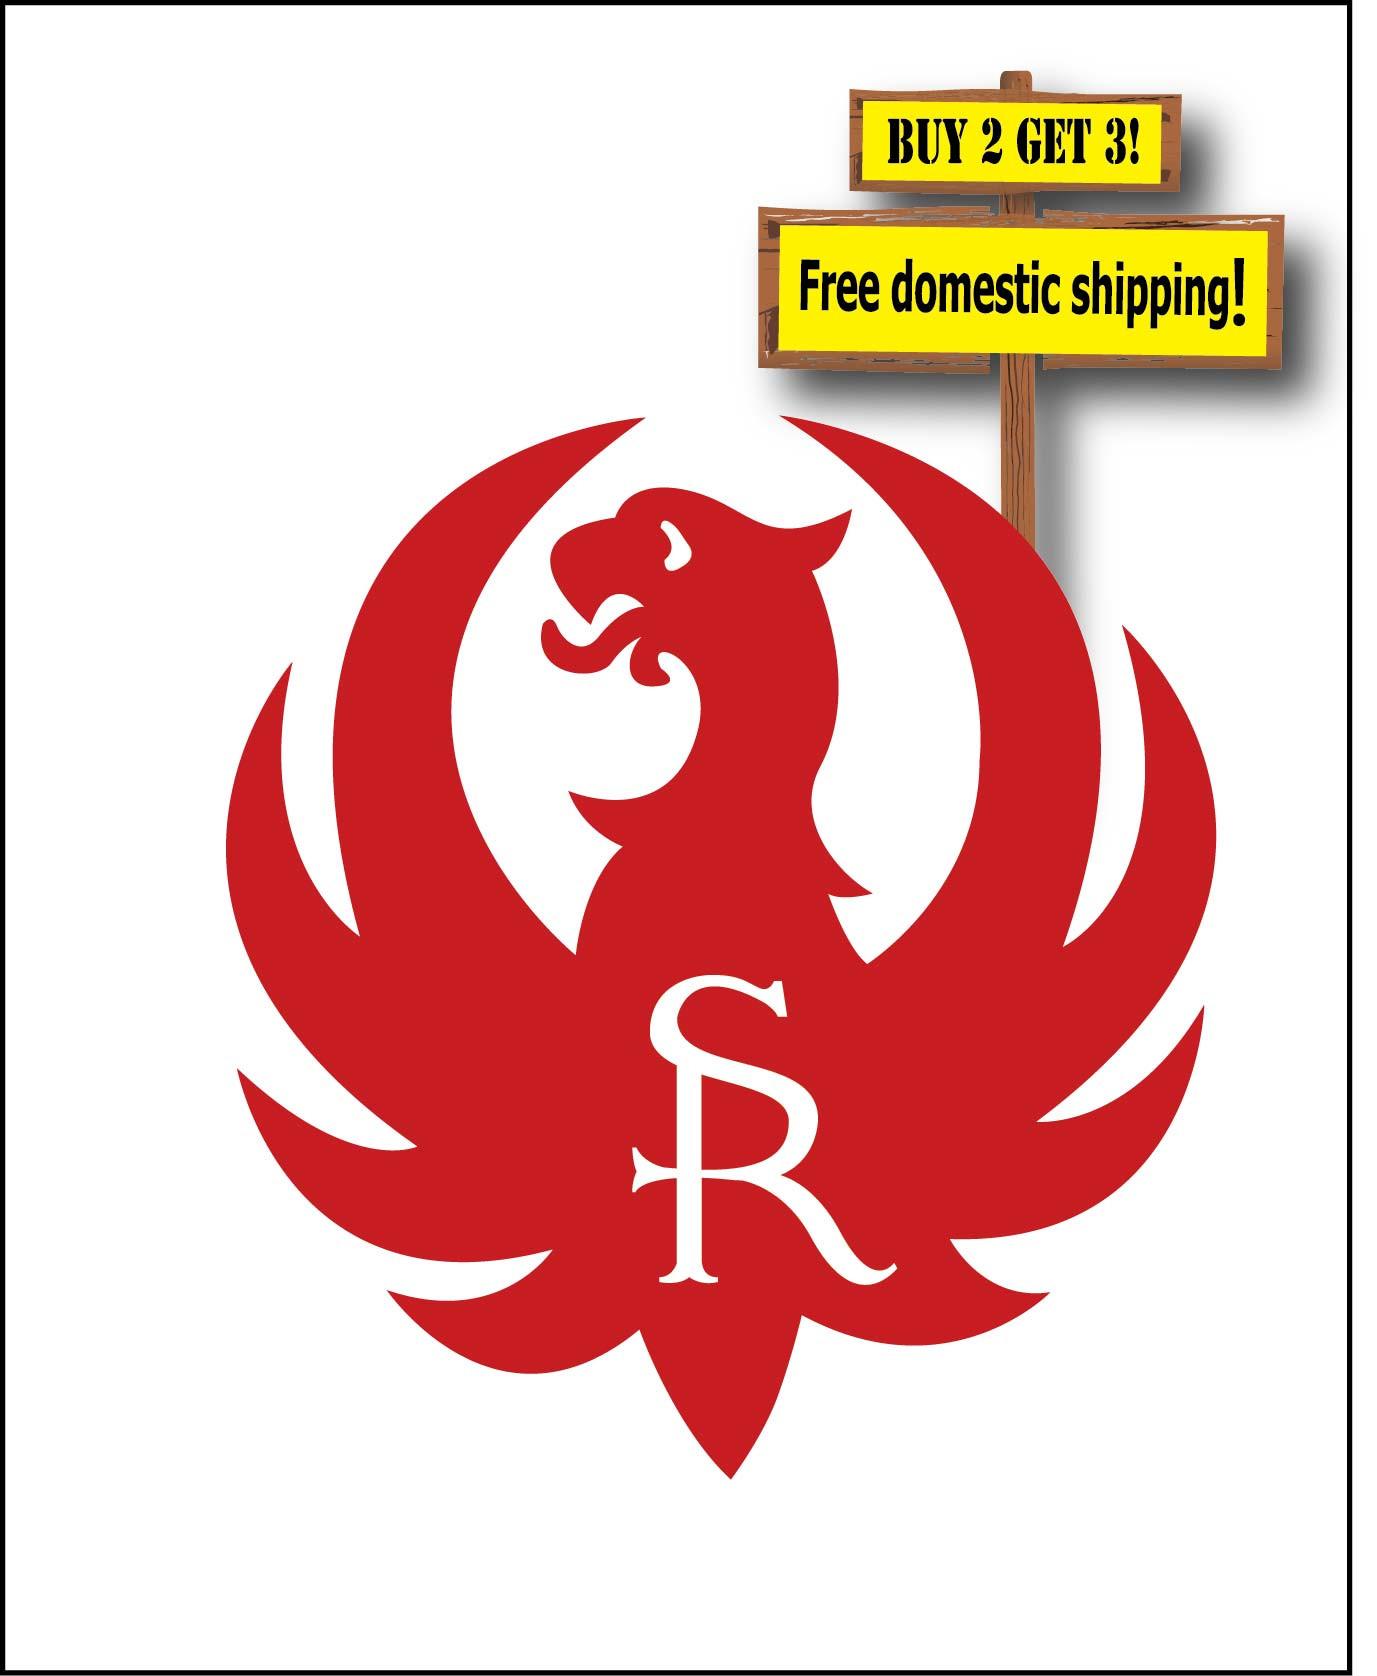 Sturm Ruger Logo Wallpapers - WallpaperSafari